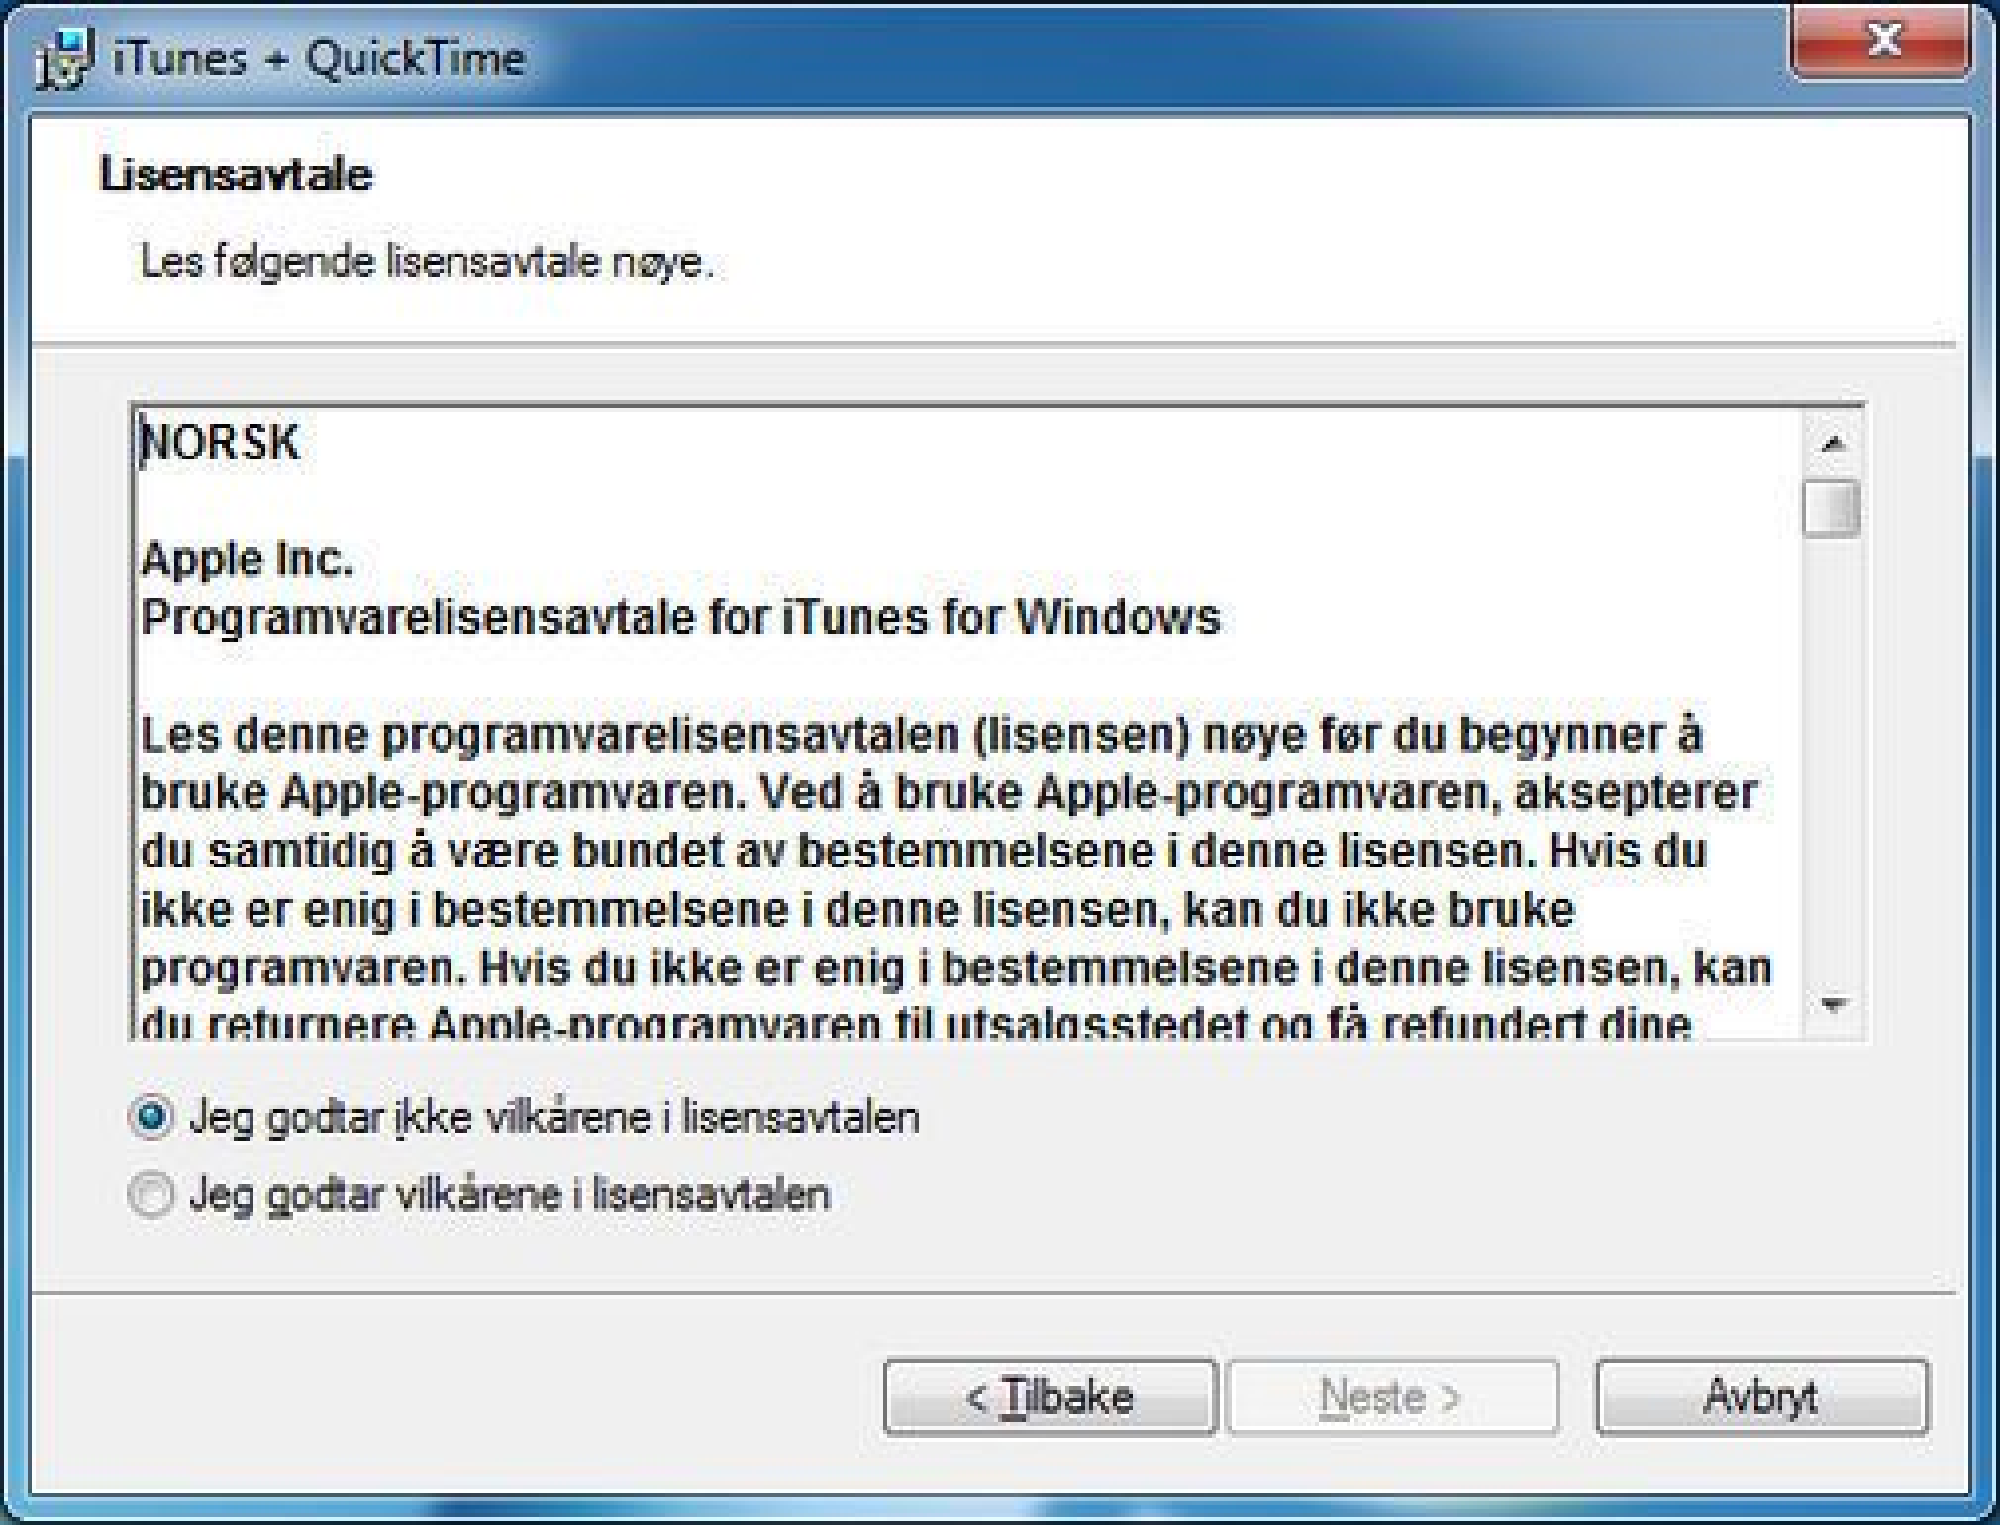 Vilkårene du må godta for å installere iTunes teller godt over 5.000 ord i den norske oversettelsen.